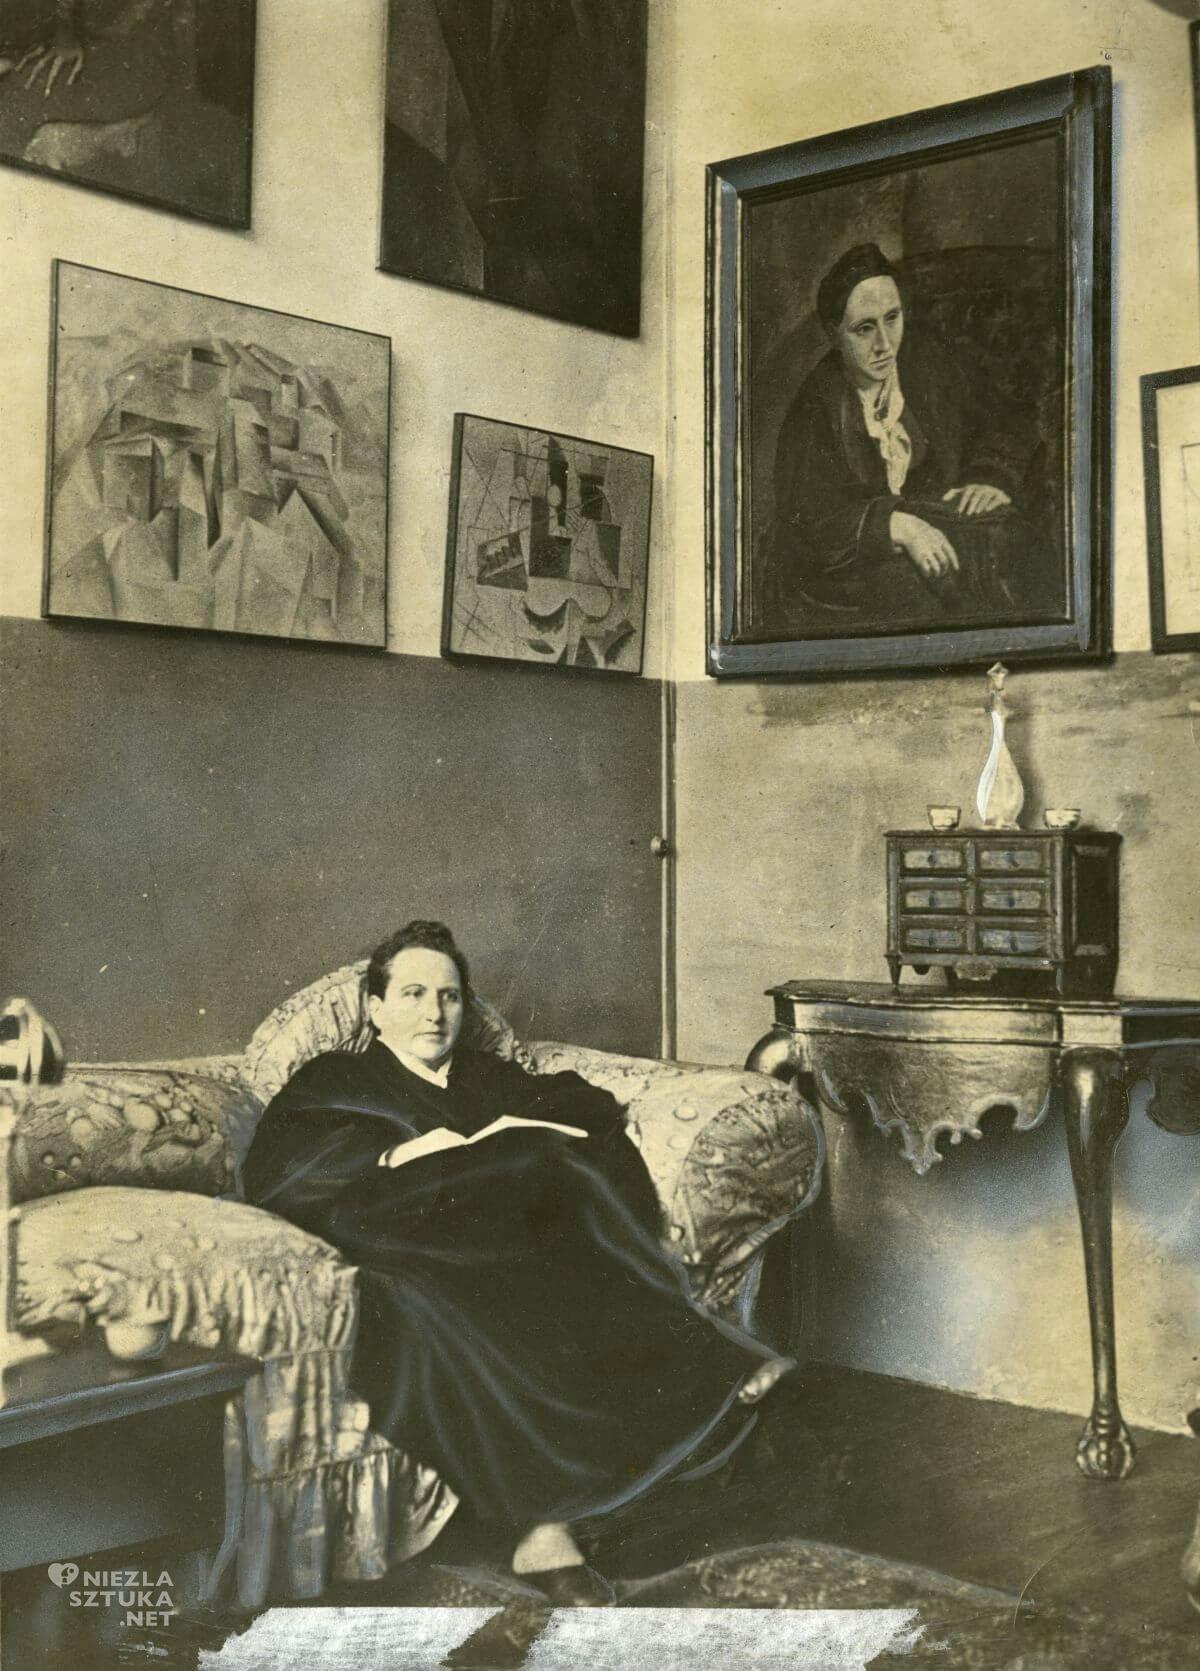 Gertruda Stein, Picasso, Niezła Sztuka